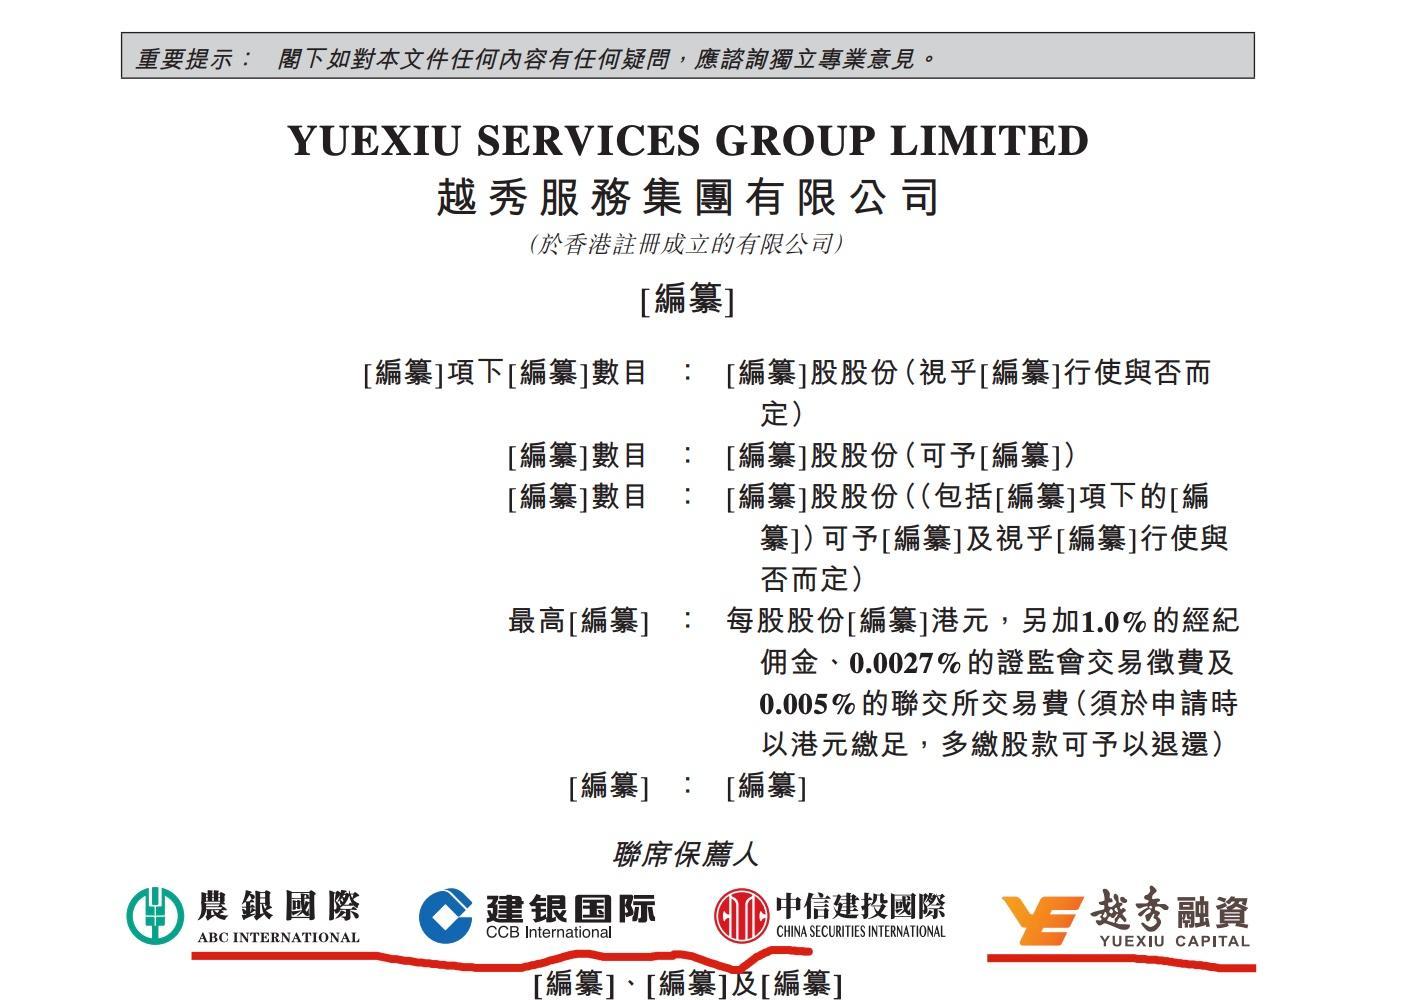 越秀服务香港IPO:管理面积3260万平方米,其中96.1%在一线、新一线、二线城市